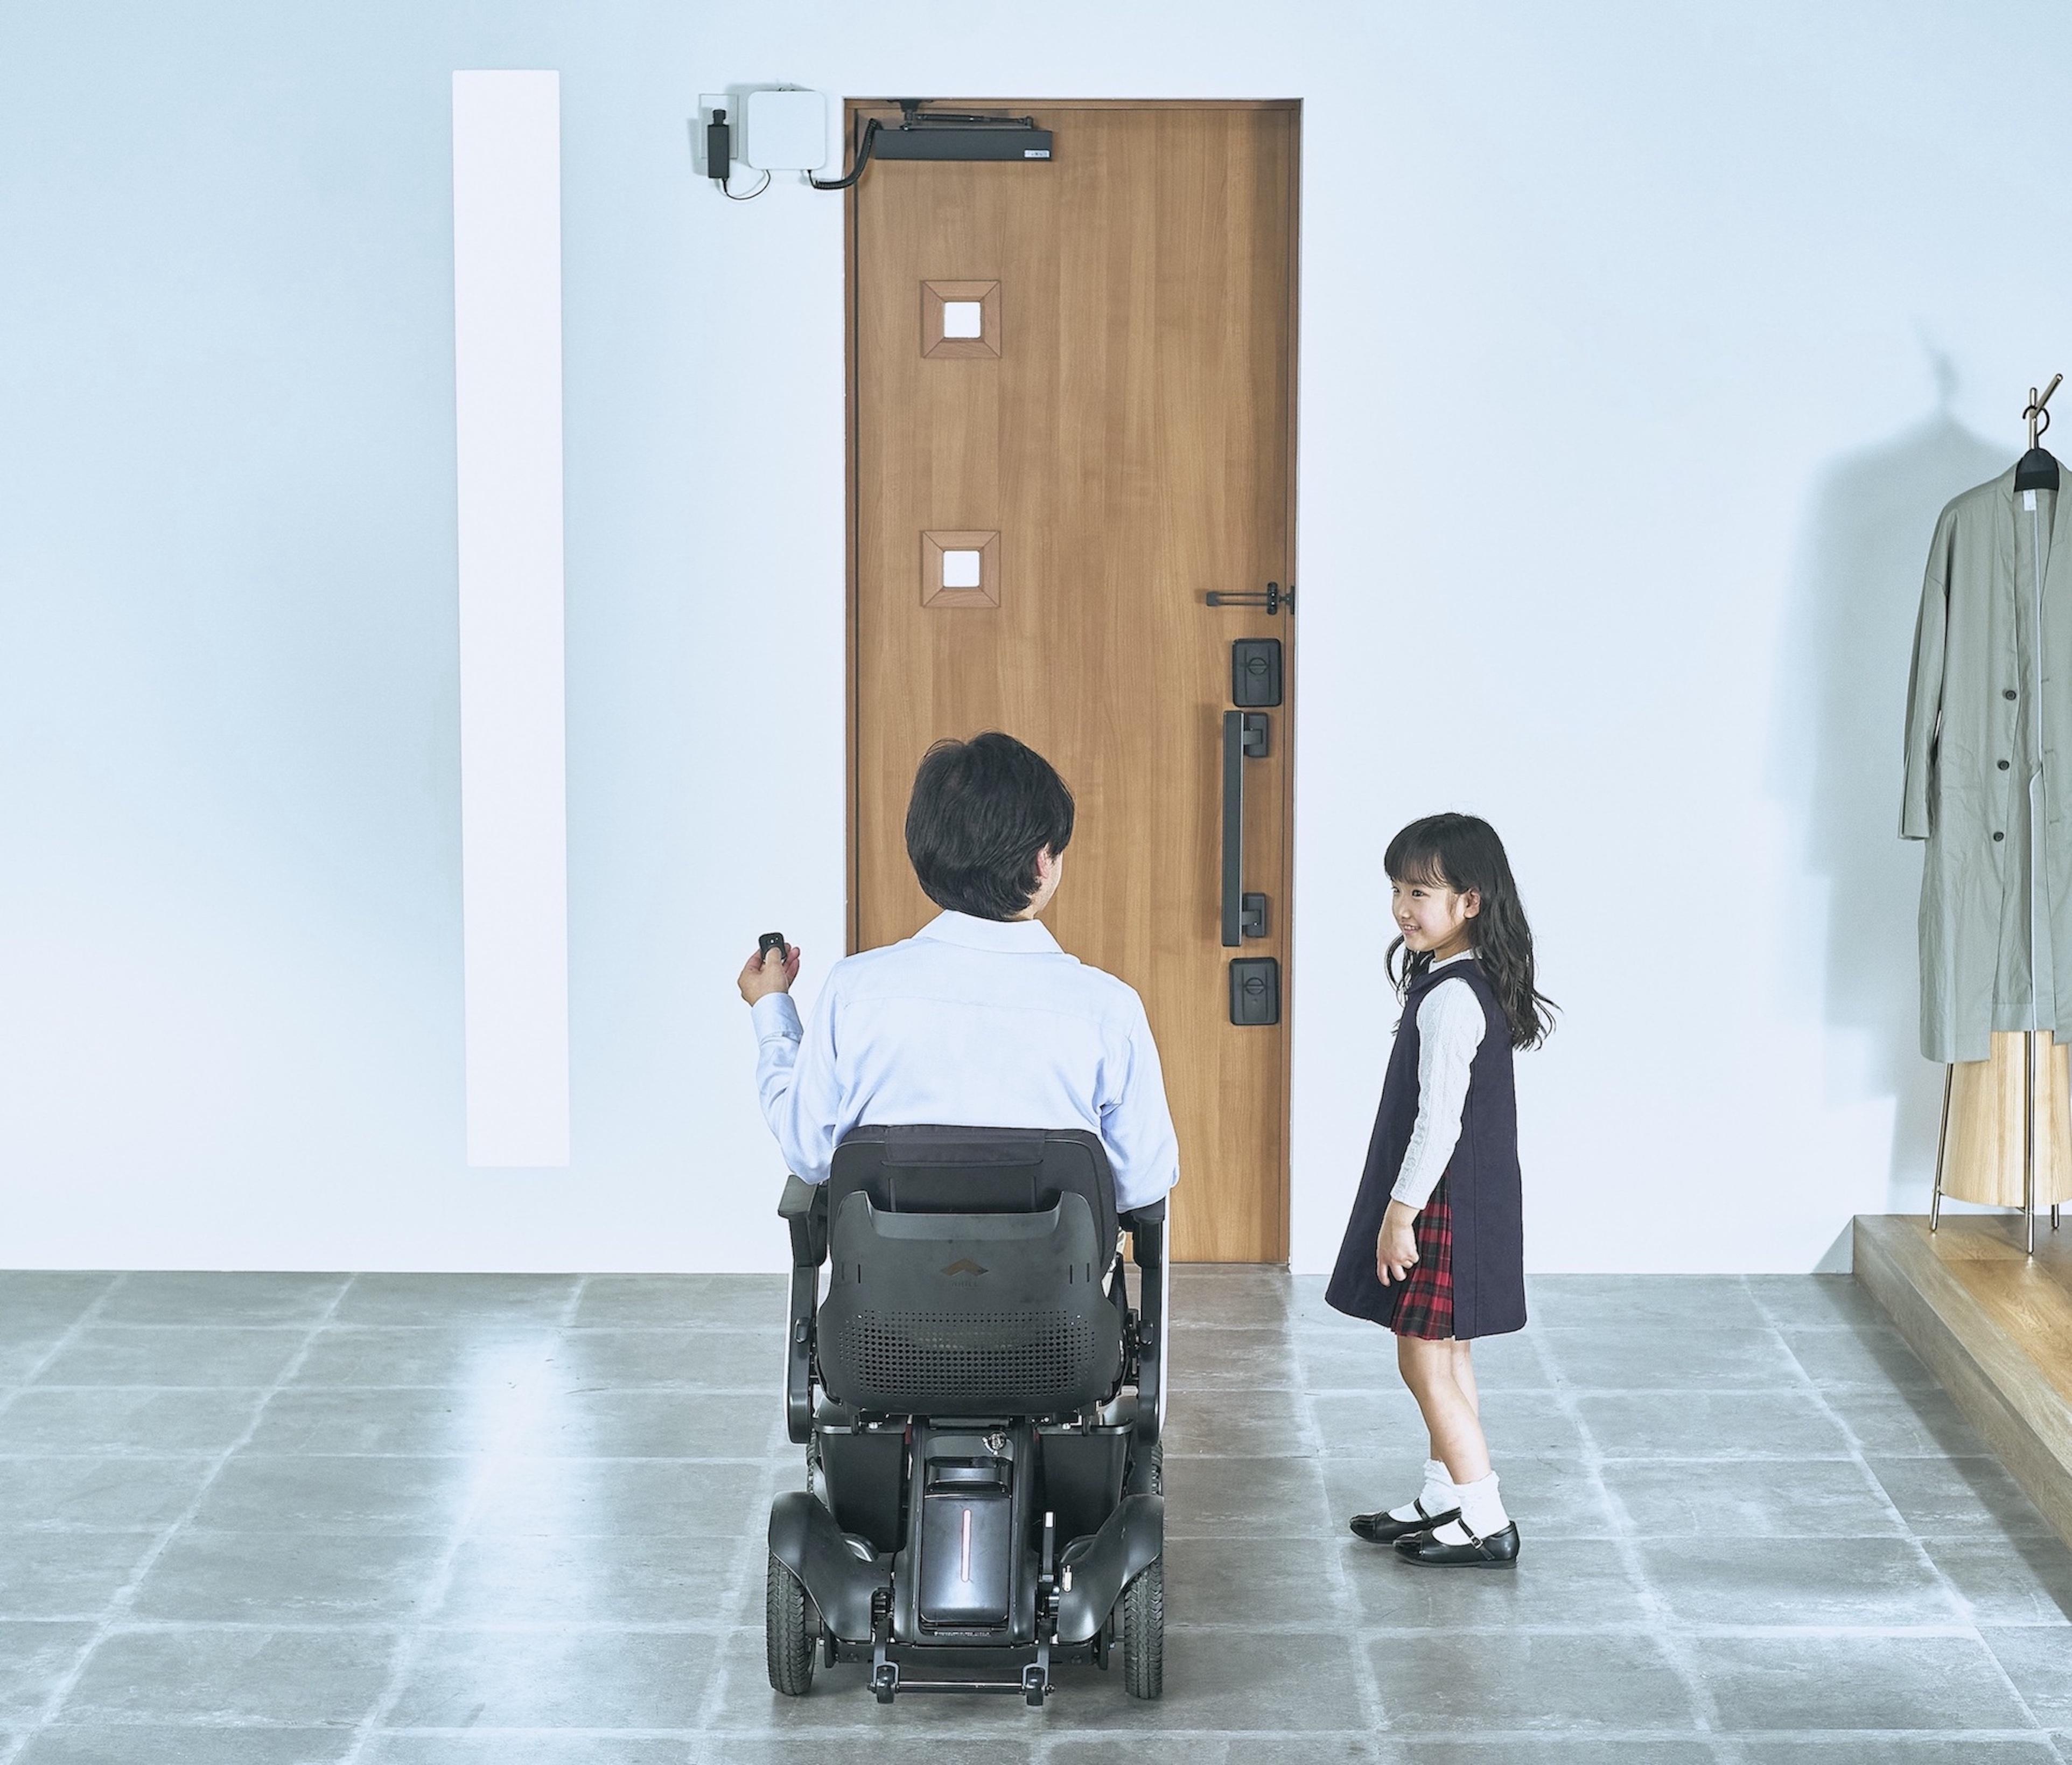 12171【年度テーマ】玄関ドア用電動オープナーシステム DOAC(ドアック)